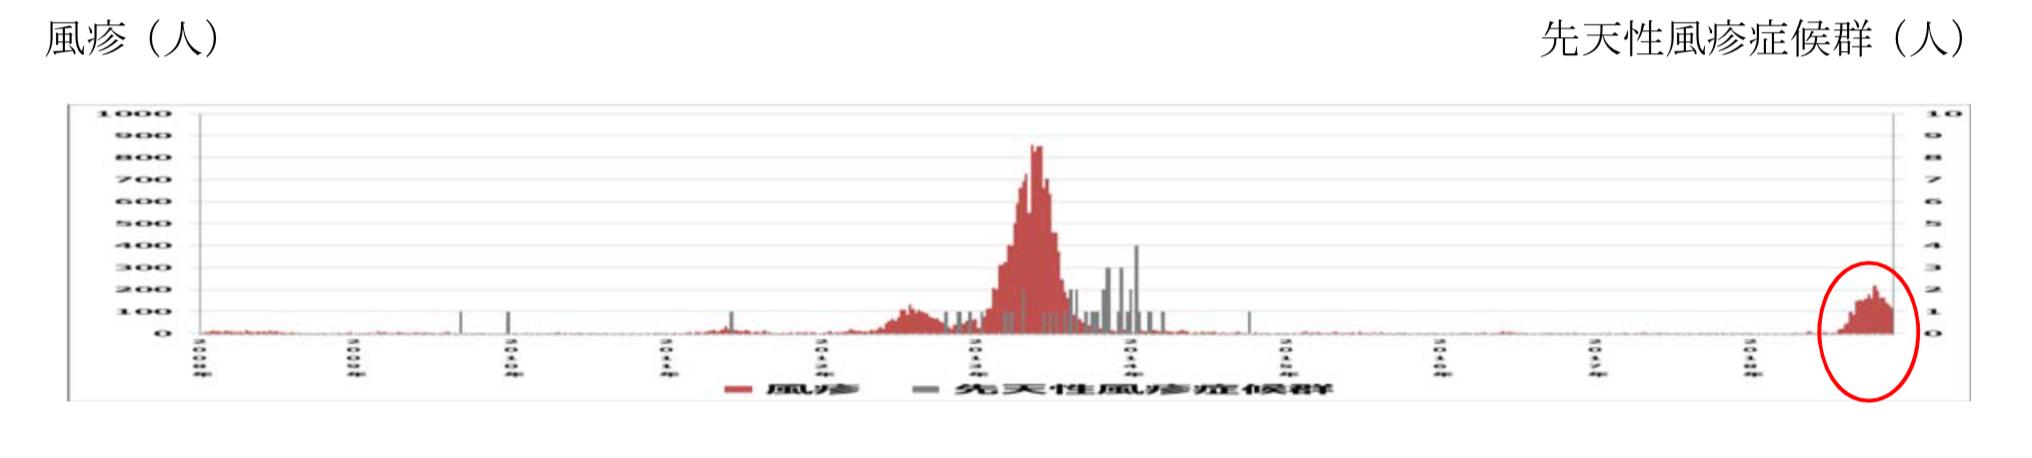 国内における風疹患者数の年次推移